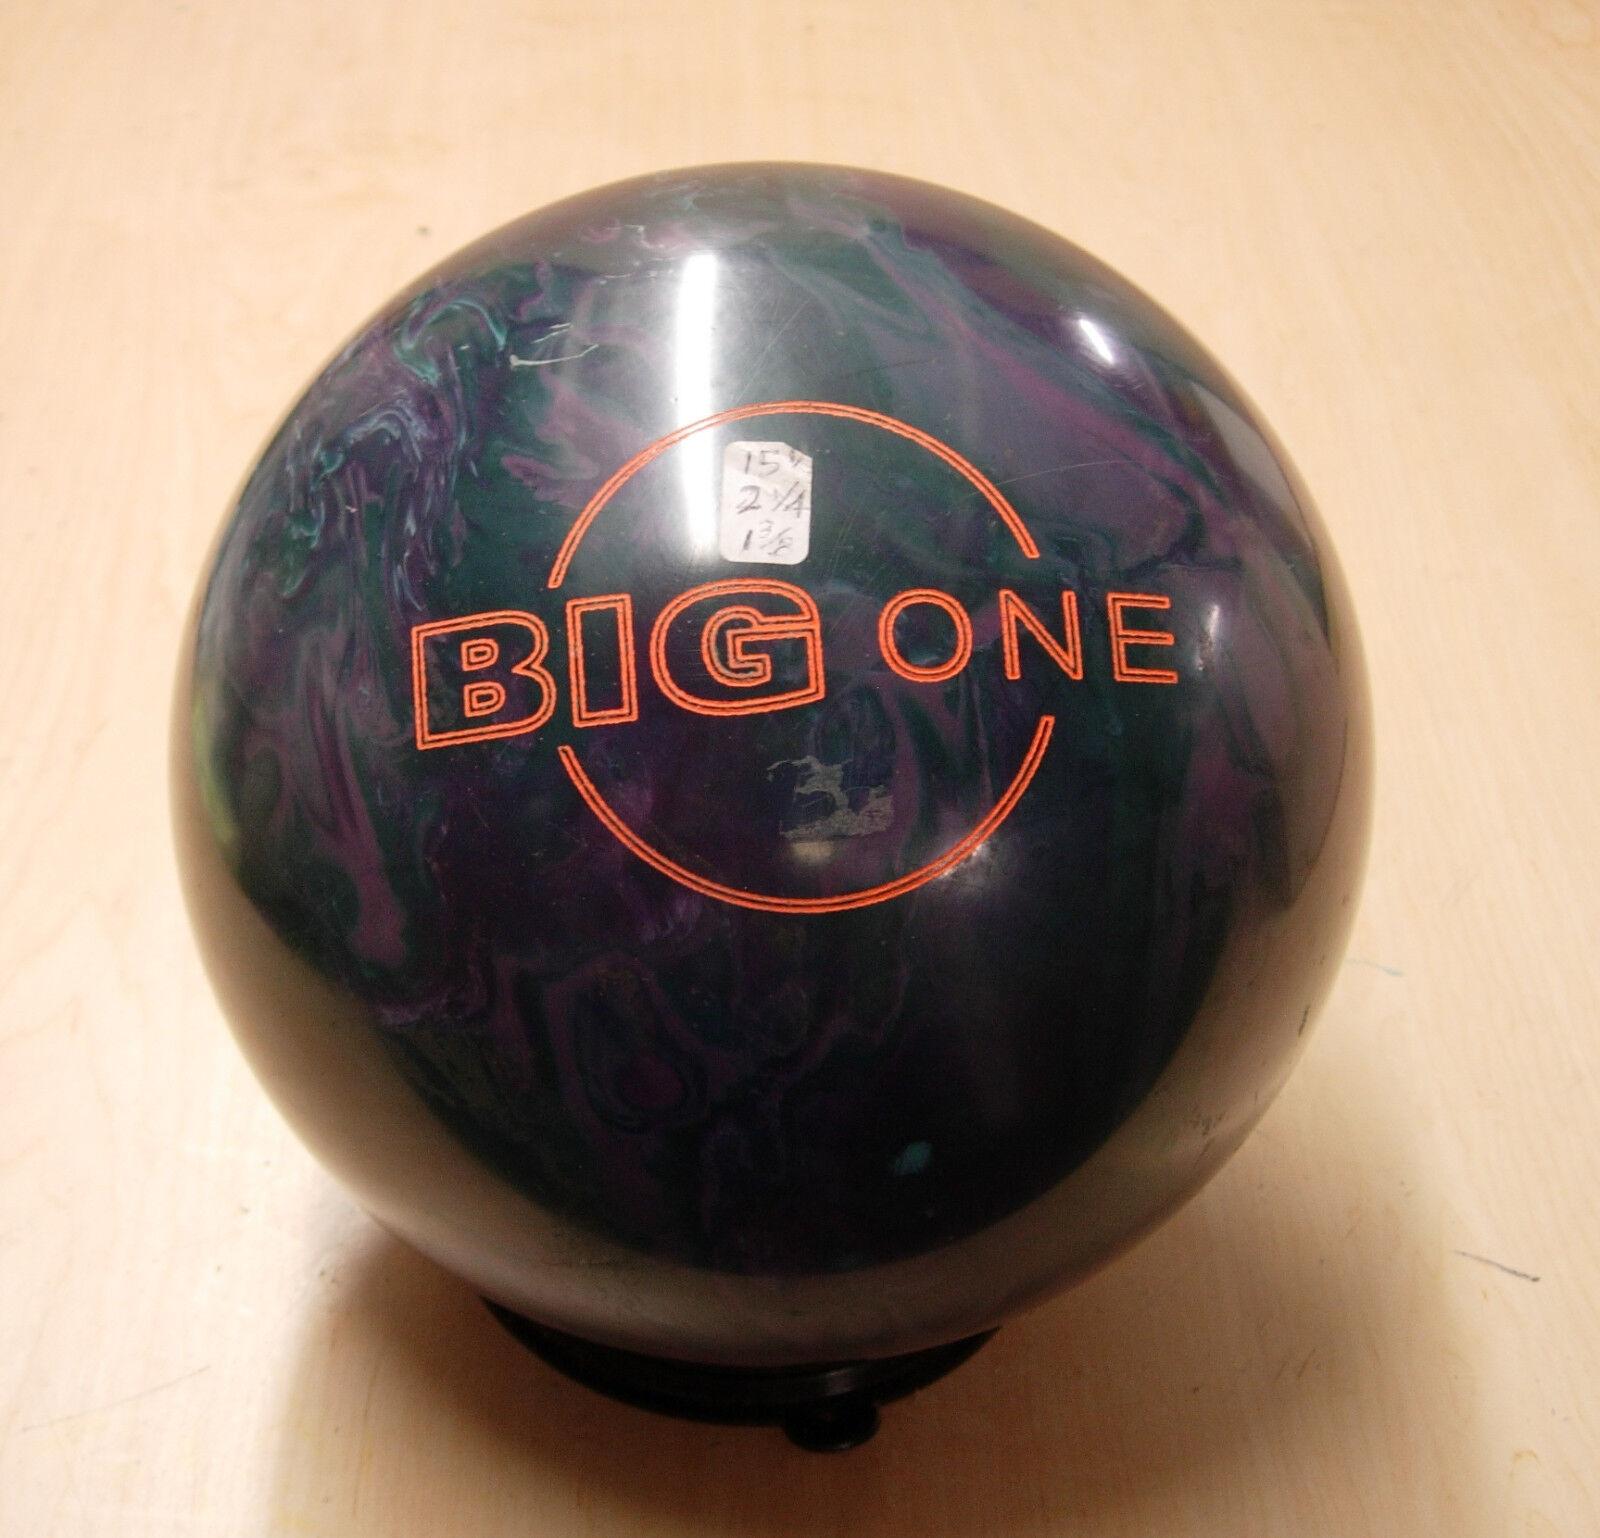 = 15oz TW 2.25 Pin 1-7 16 Ebonite 2006 BIG ONE Old Display Ball